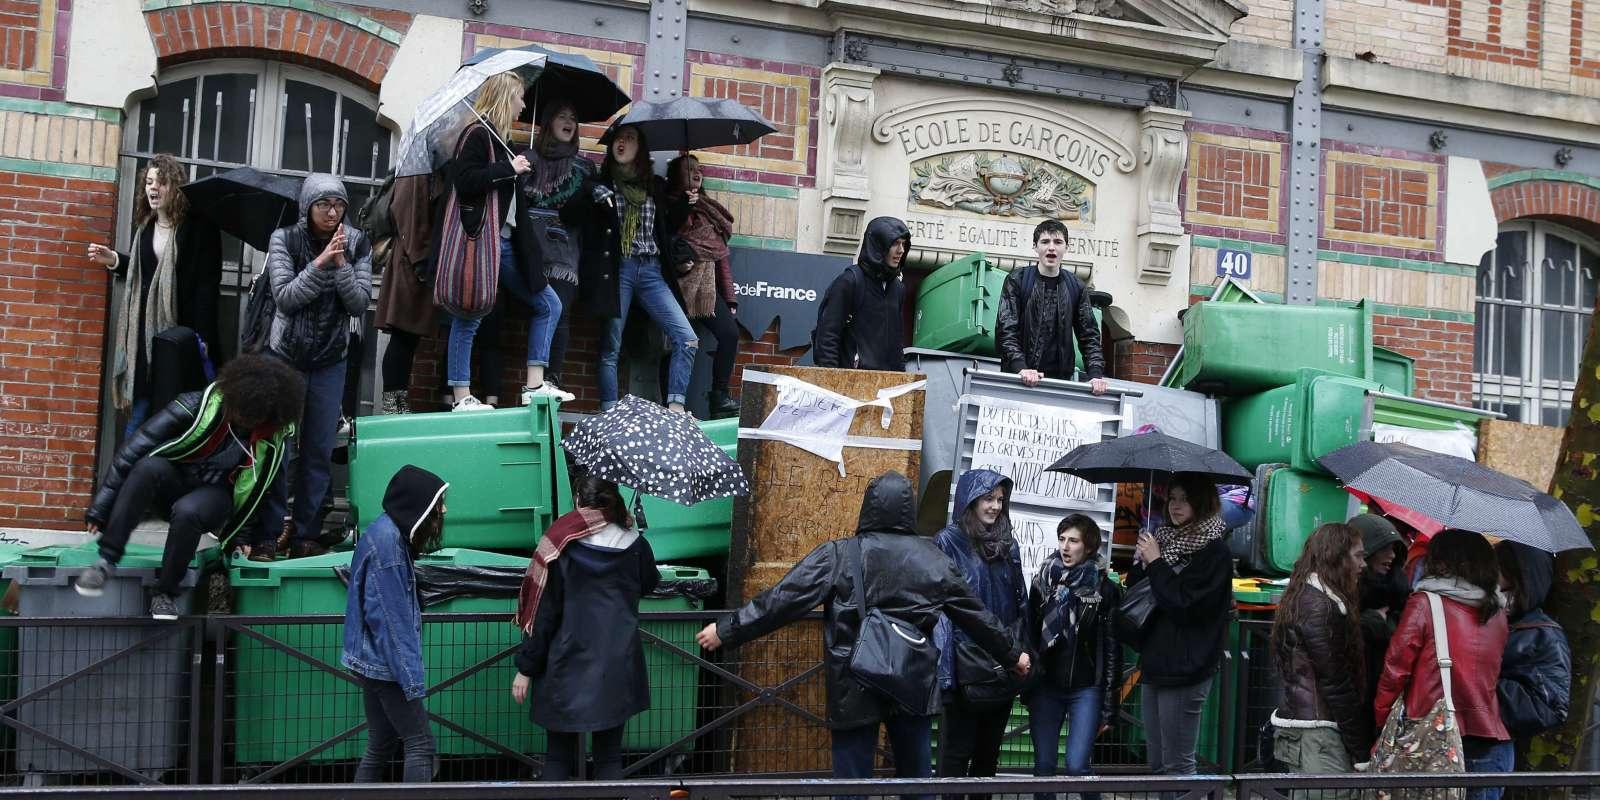 Etudiants mobilisés devant le lycée Georges Brassens, à Paris (19e arrondissement), le 31 mars.